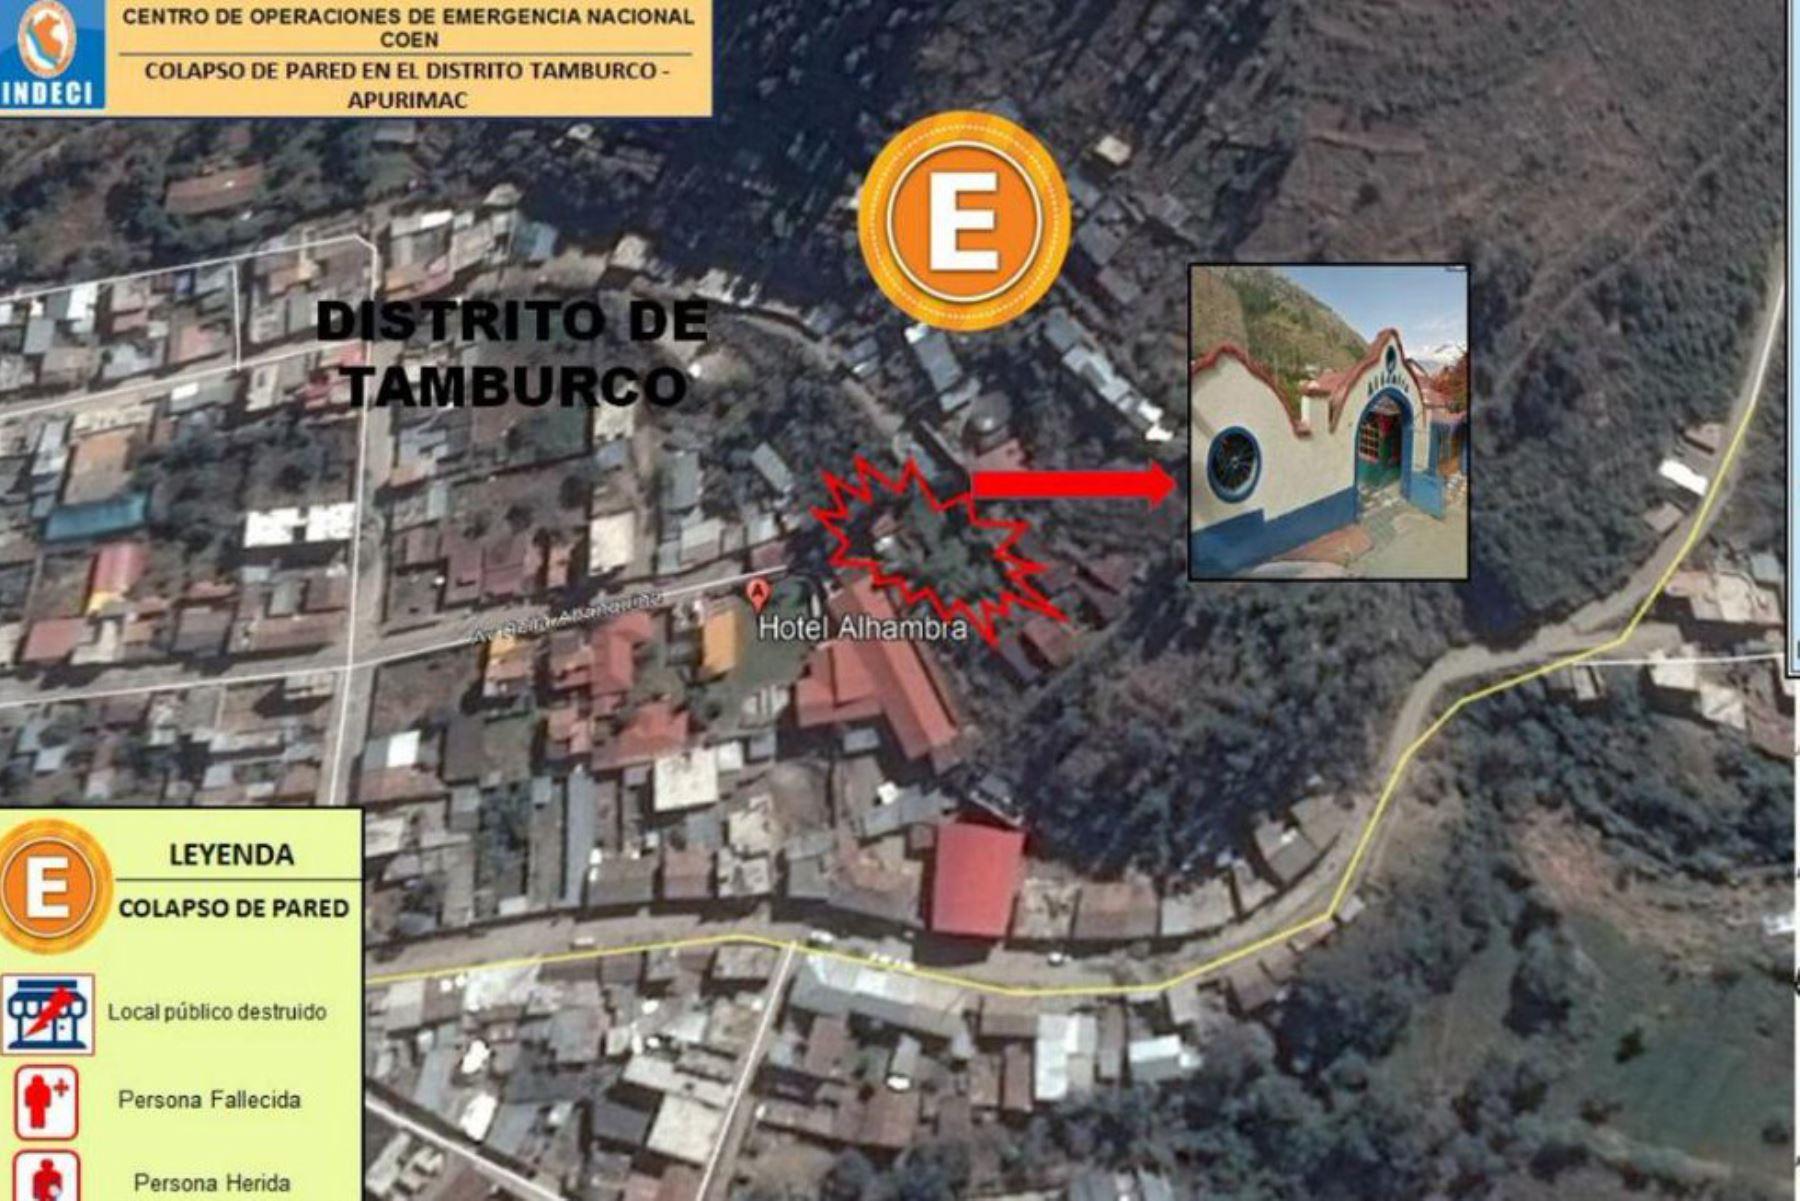 El hotel Alhambra está ubicado en la provincia de Abancay, región Apurímac.